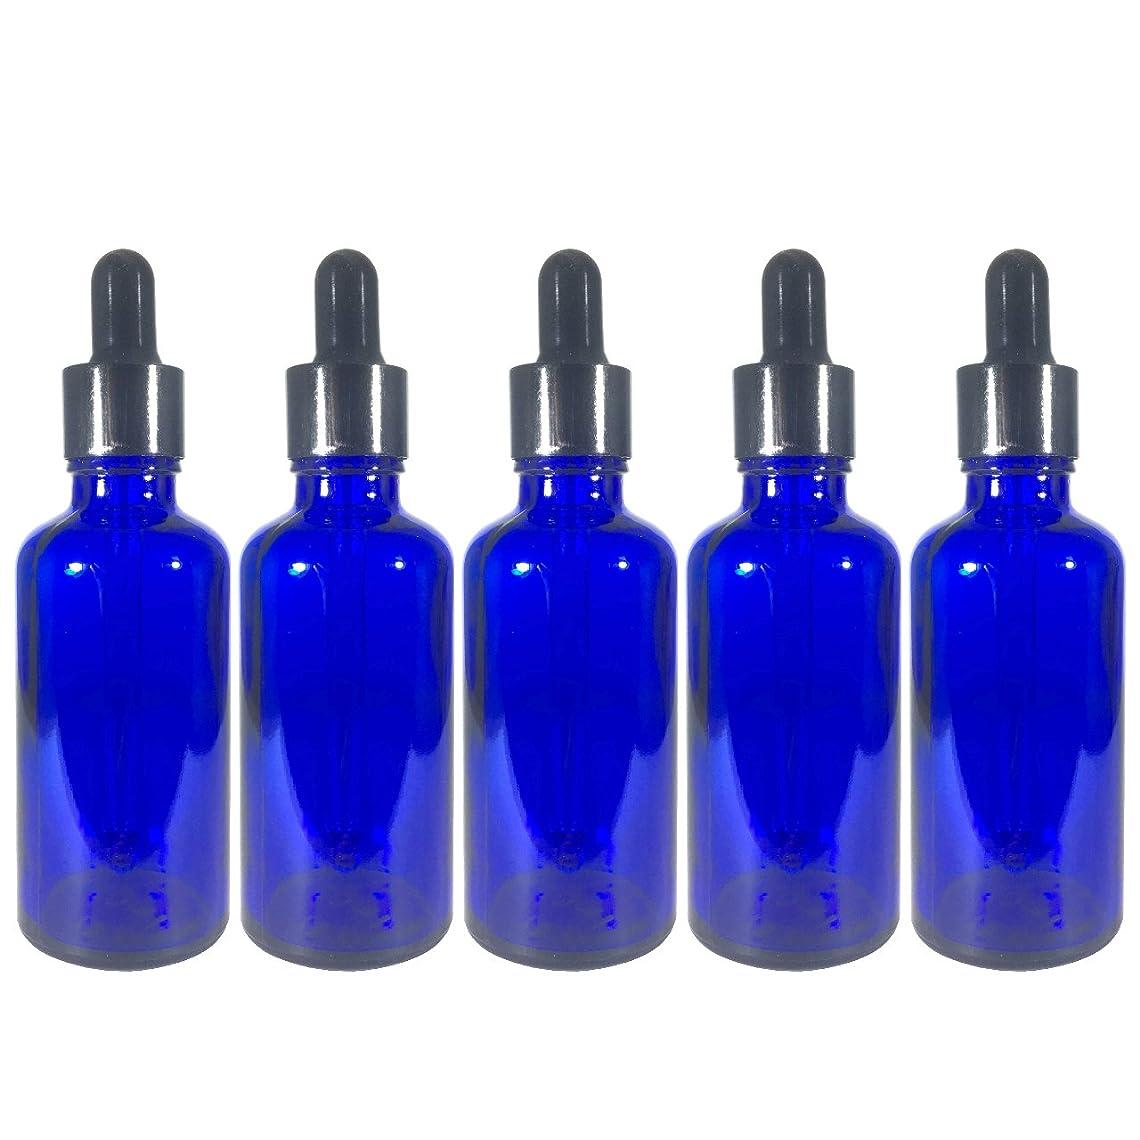 取るうなずく輝くスポイト 付き 遮光瓶 5本セット ガラス製 アロマオイル エッセンシャルオイル アロマ 遮光ビン 保存用 精油 ガラスボトル 保存容器詰め替え 青色 ブルー (50ml?5本)